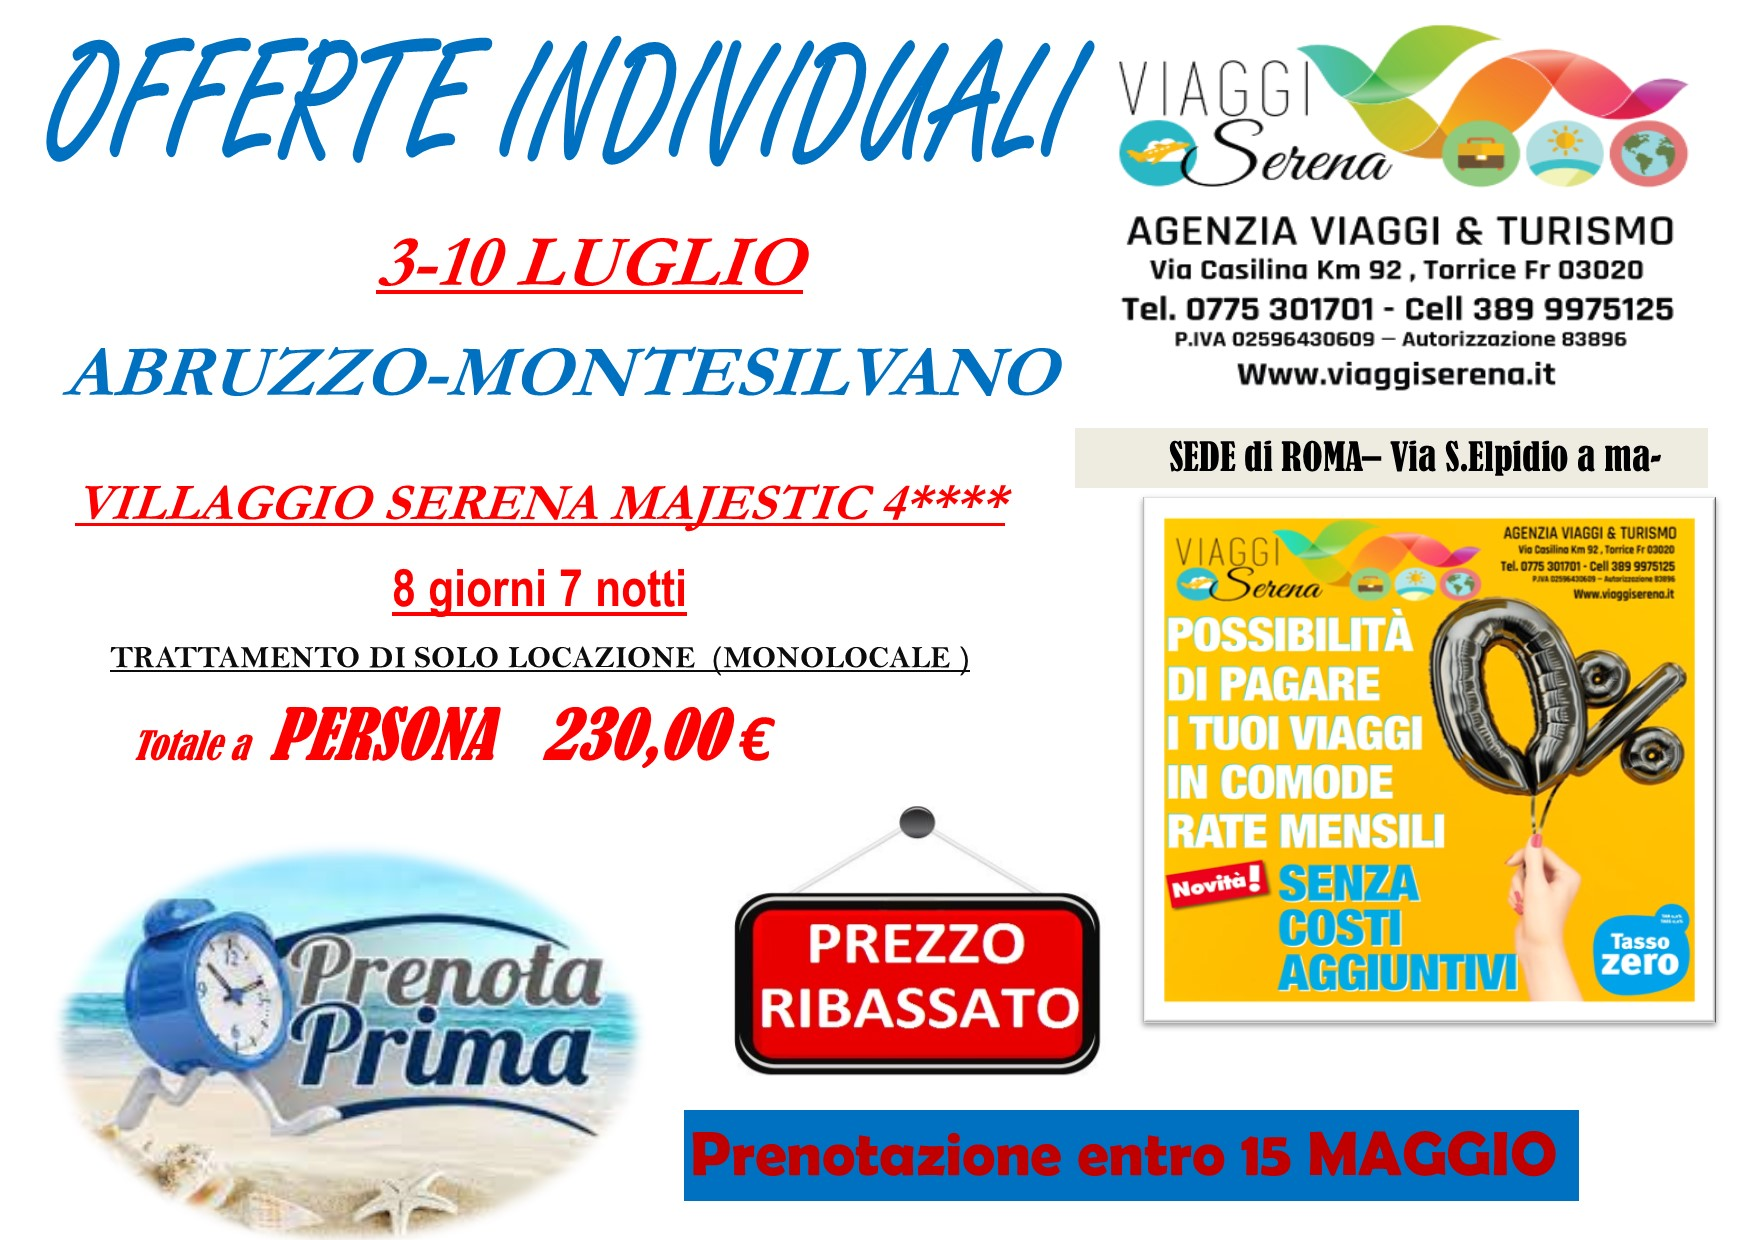 """Offerte Individuali : soggiorno mare con """"prenota prima"""" Abruzzo-Montesilvano!!!"""